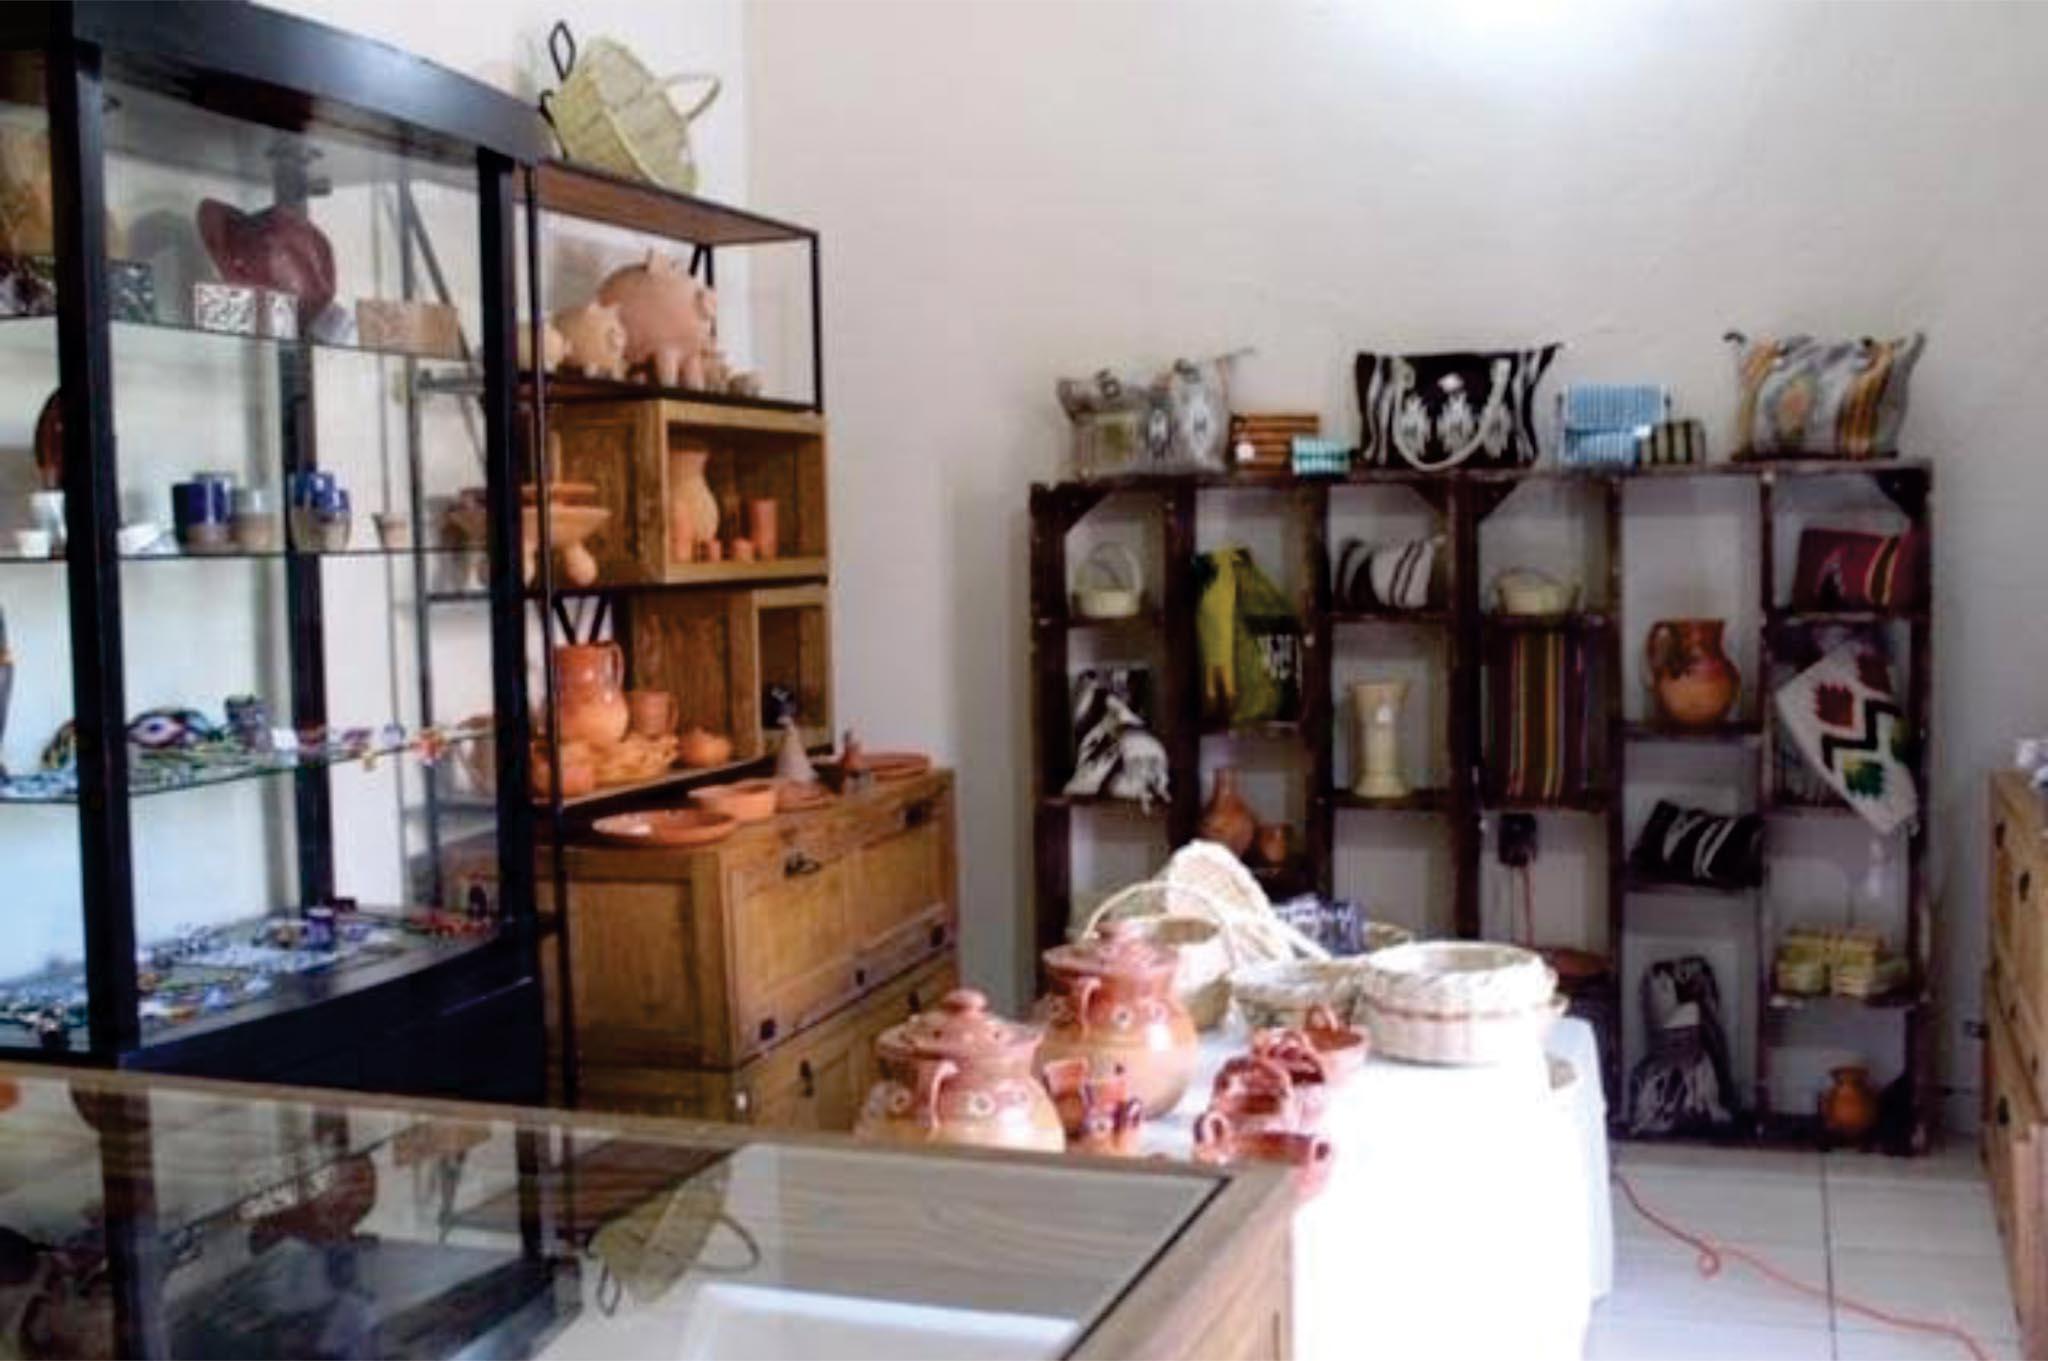 Tiendas artesanales recuperan ventas tras cierre por pandemia